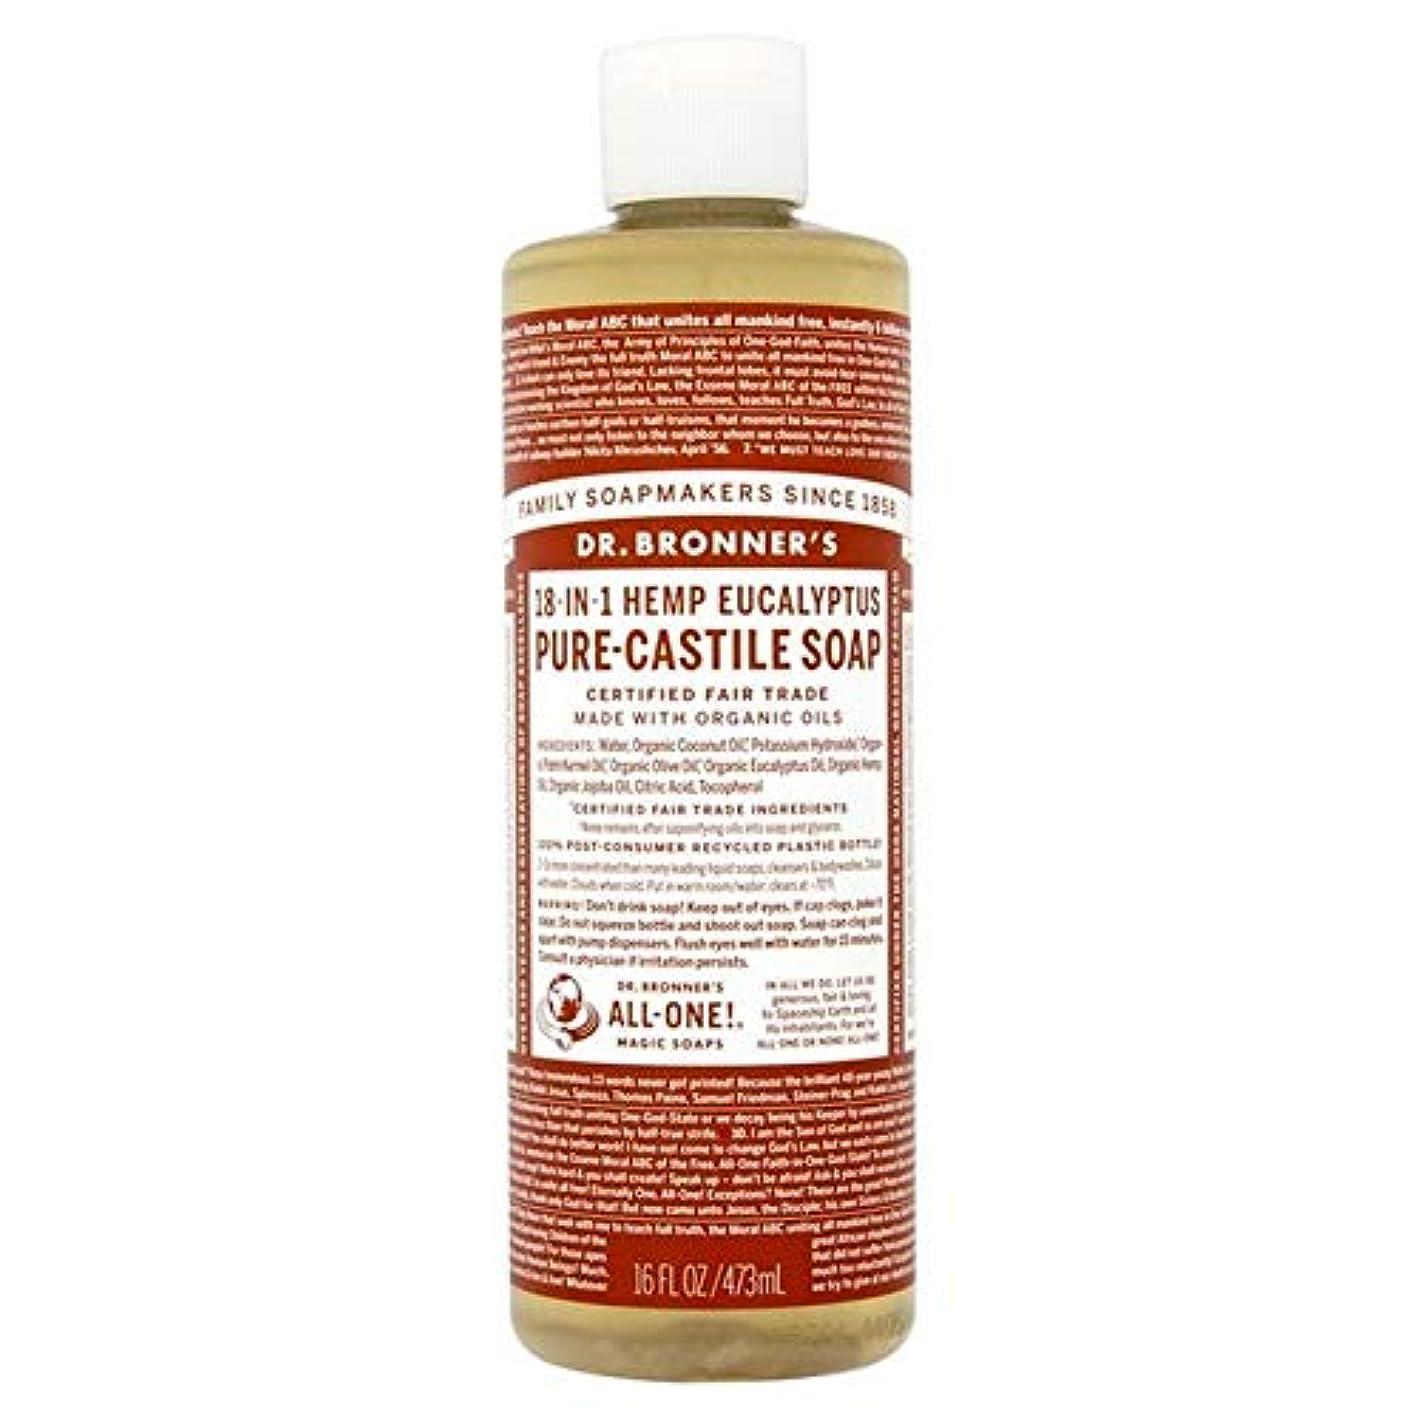 ホームビジターロール[Dr Bronner] Dr。ブロナーズ有機ユーカリの純粋な-カスティーリャ液体石鹸473ミリリットル - Dr. Bronner's Organic Eucalyptus Pure-Castille Liquid Soap...